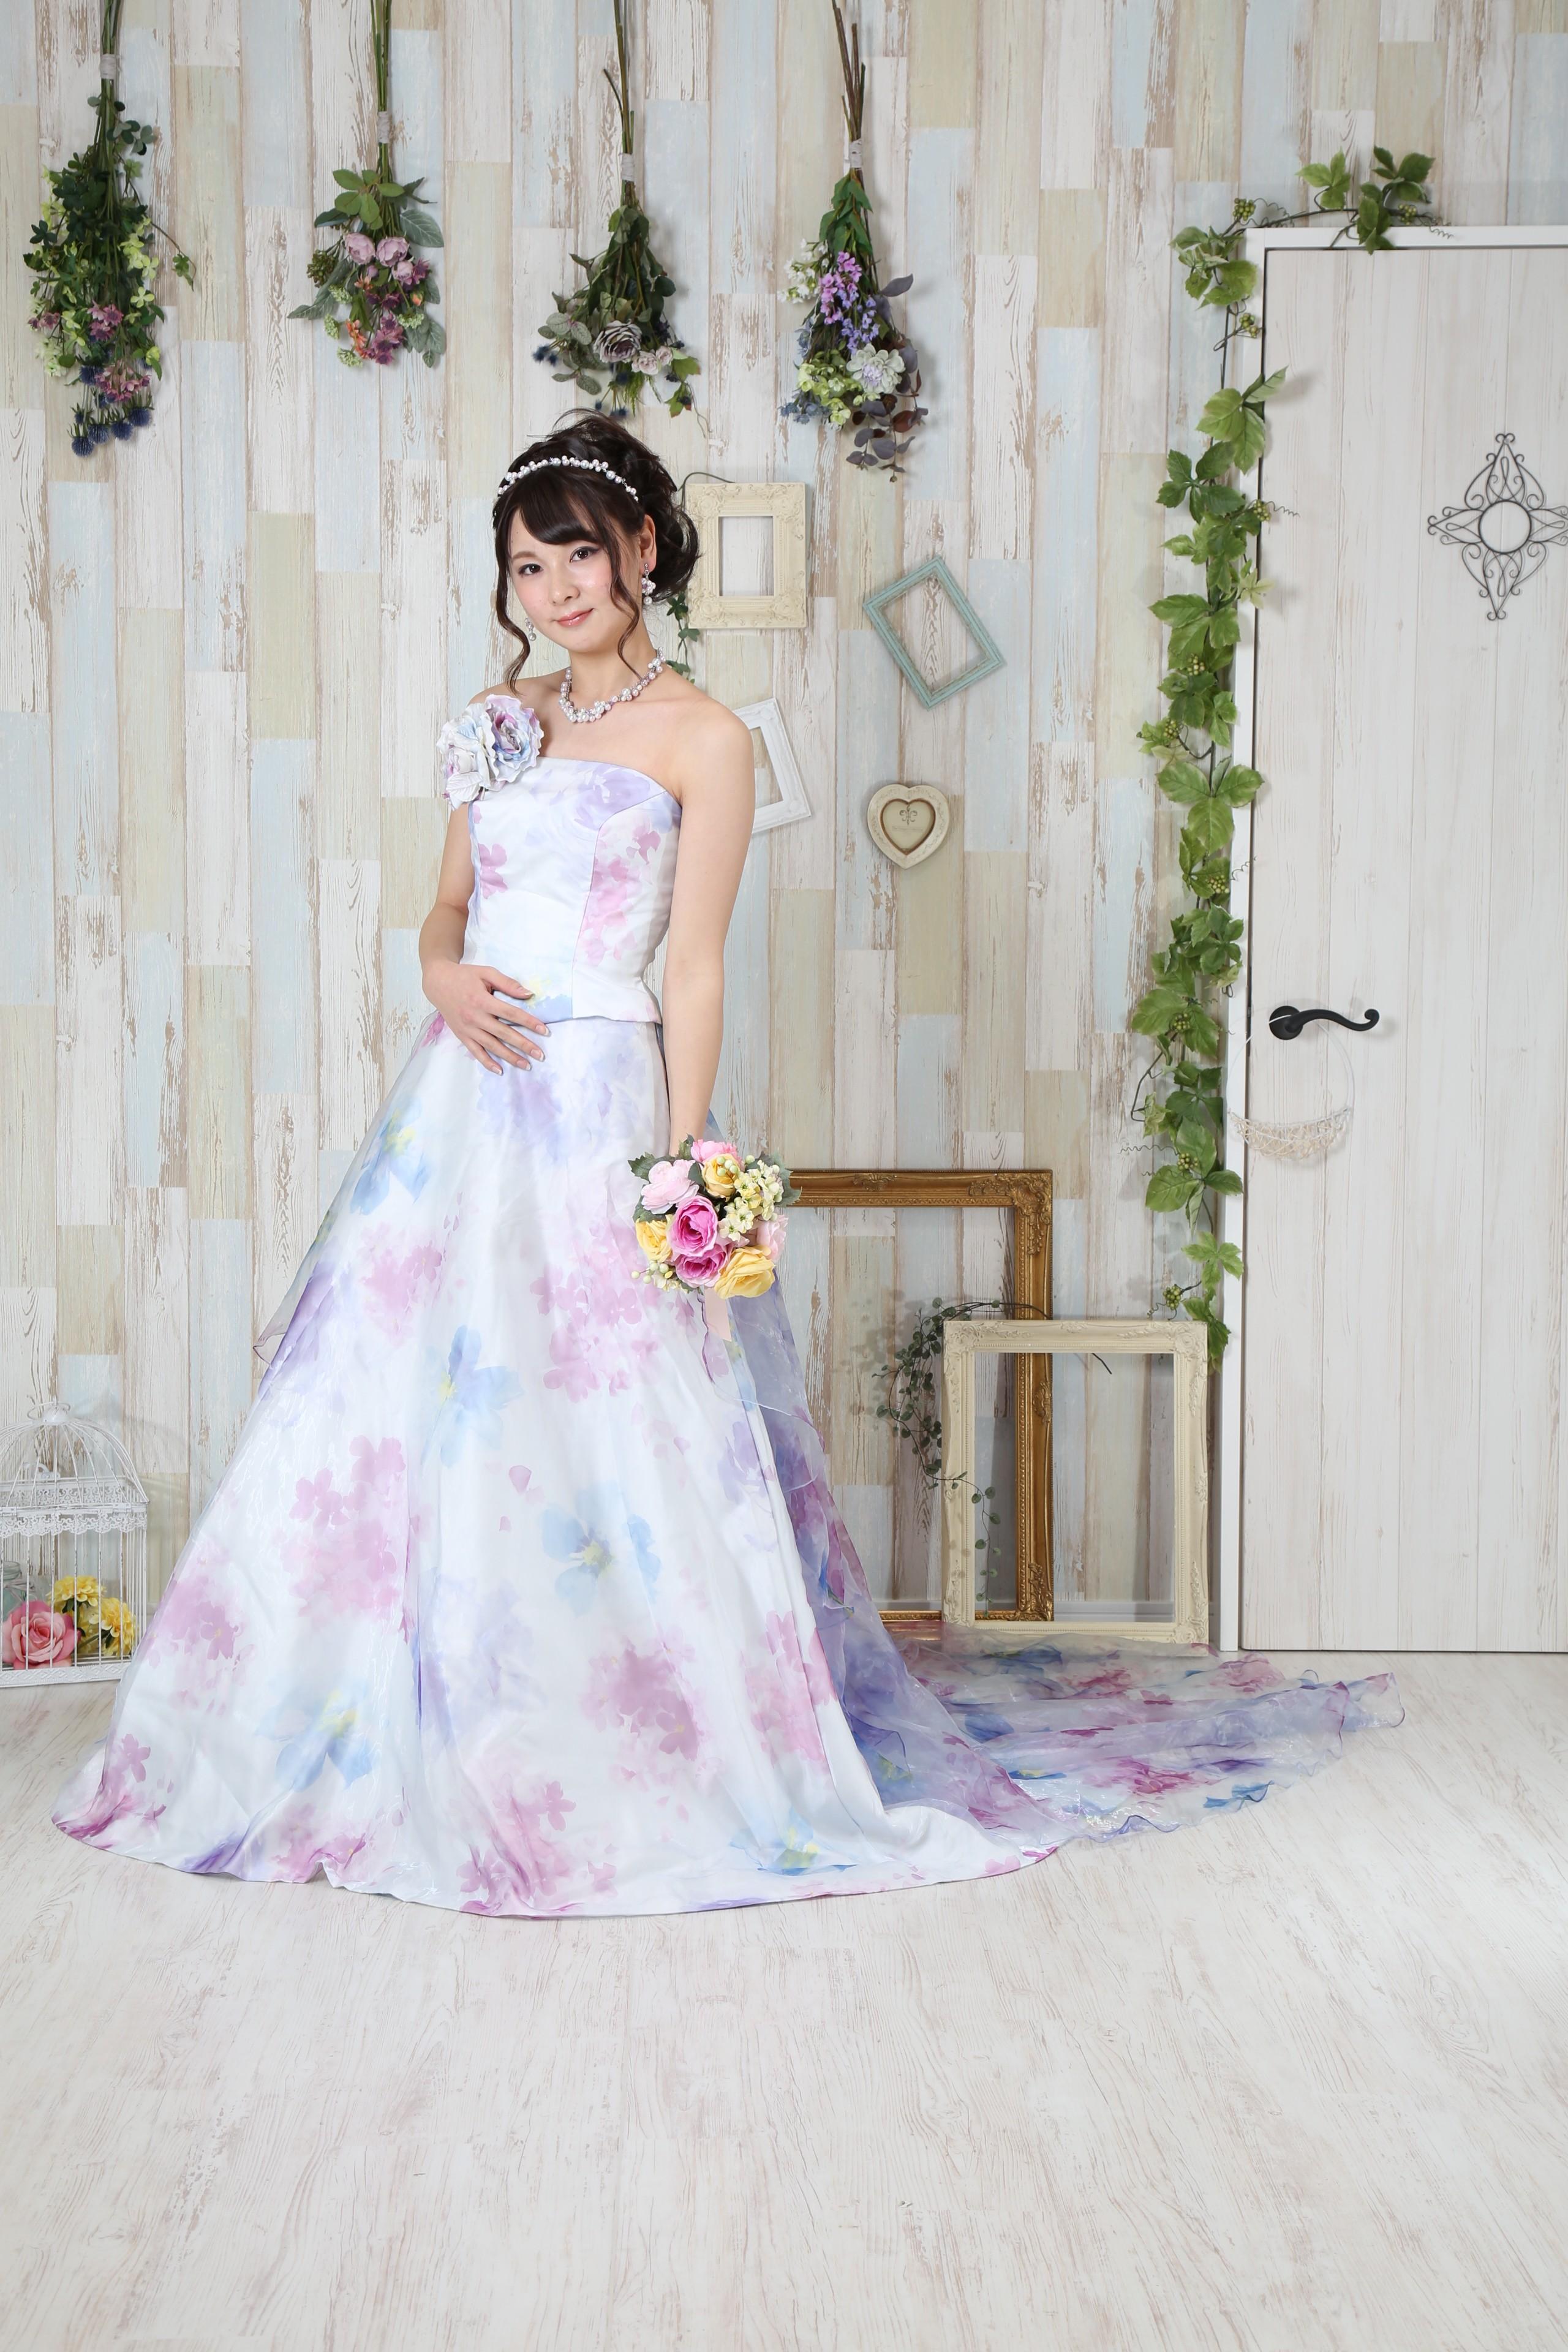 ★20180211 ドレス衣装撮影_165 - コピー